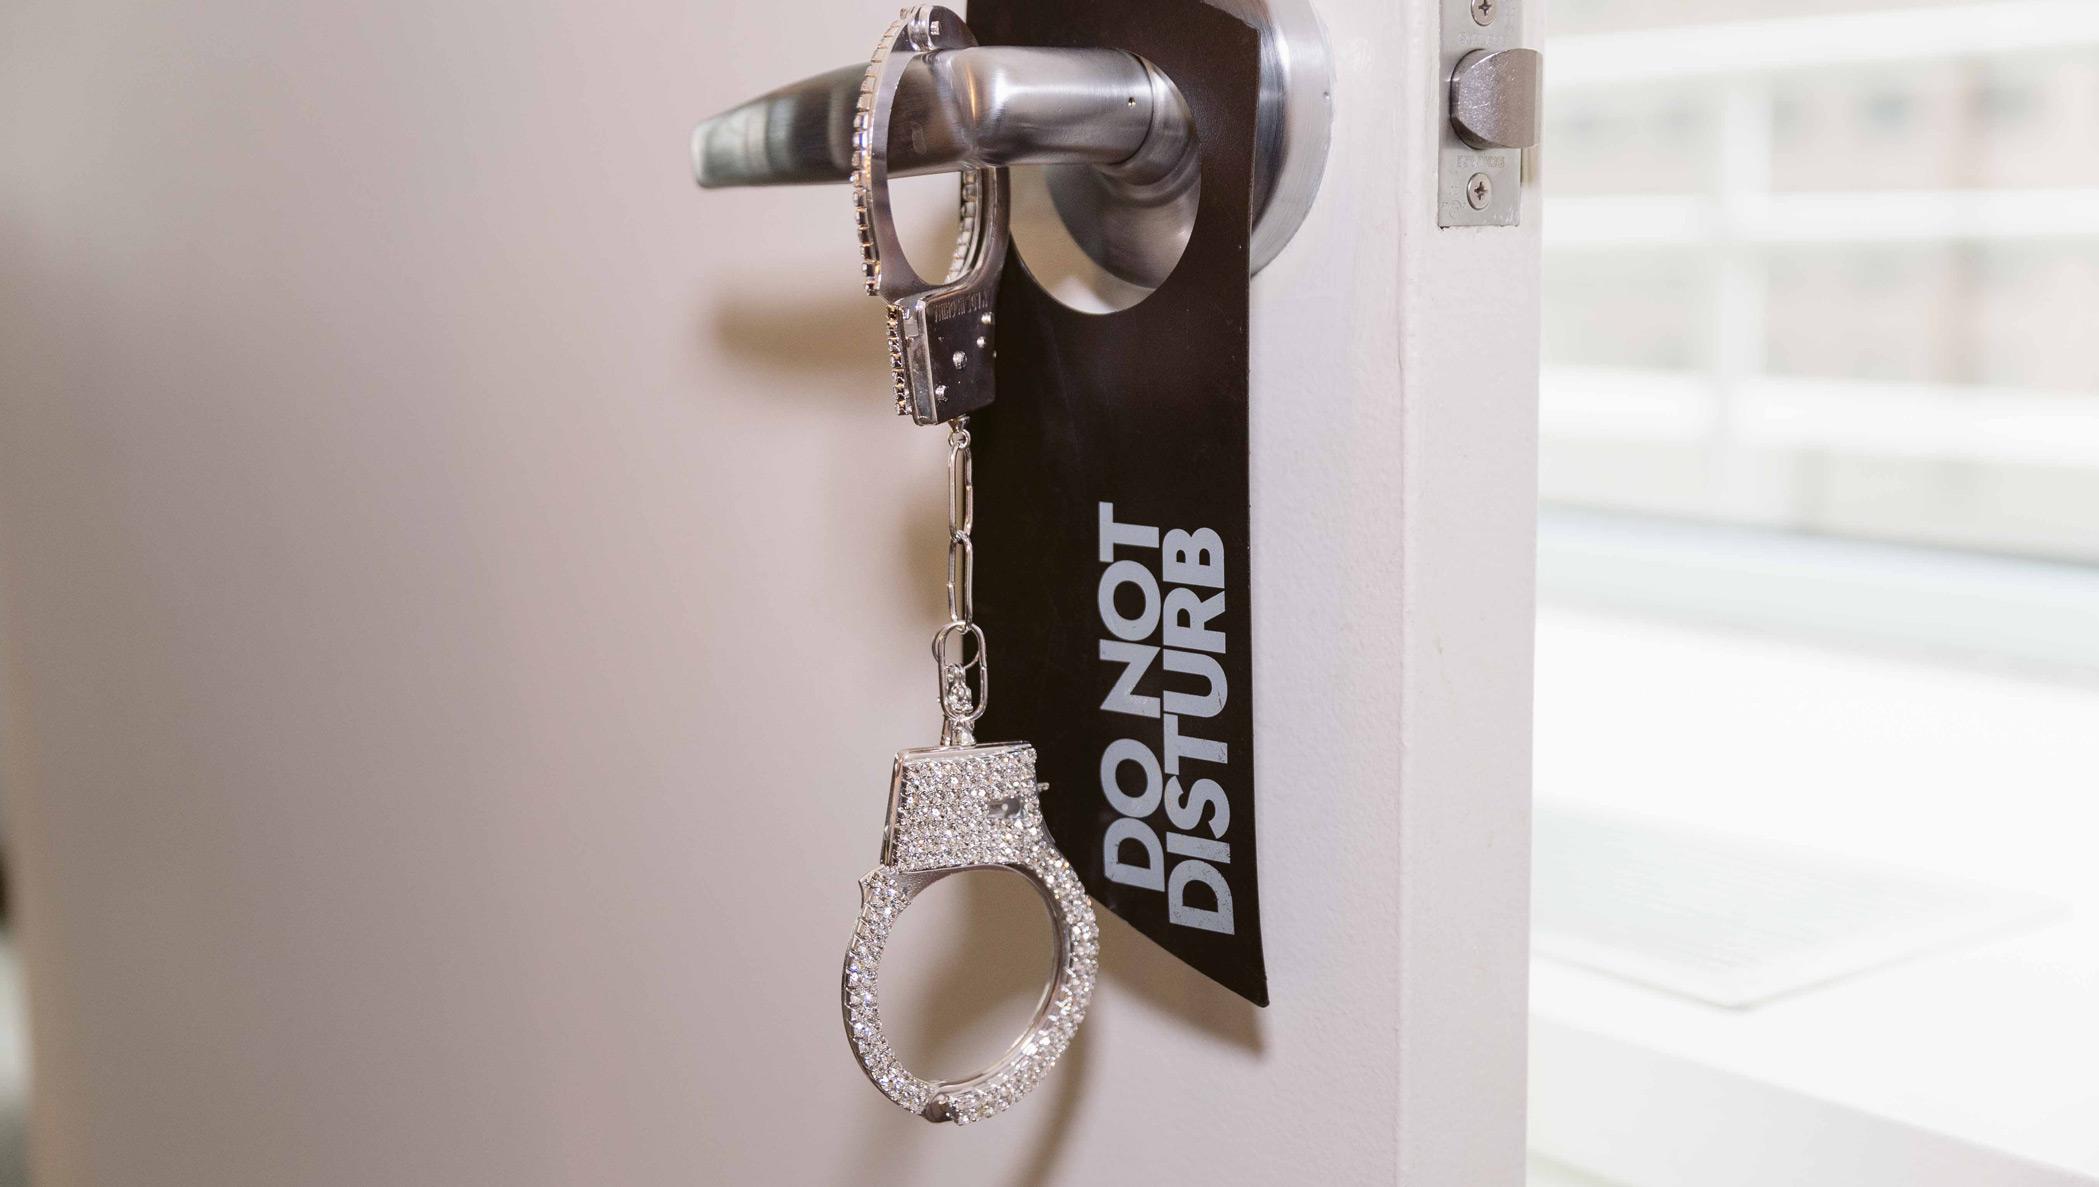 do not disturb door tag